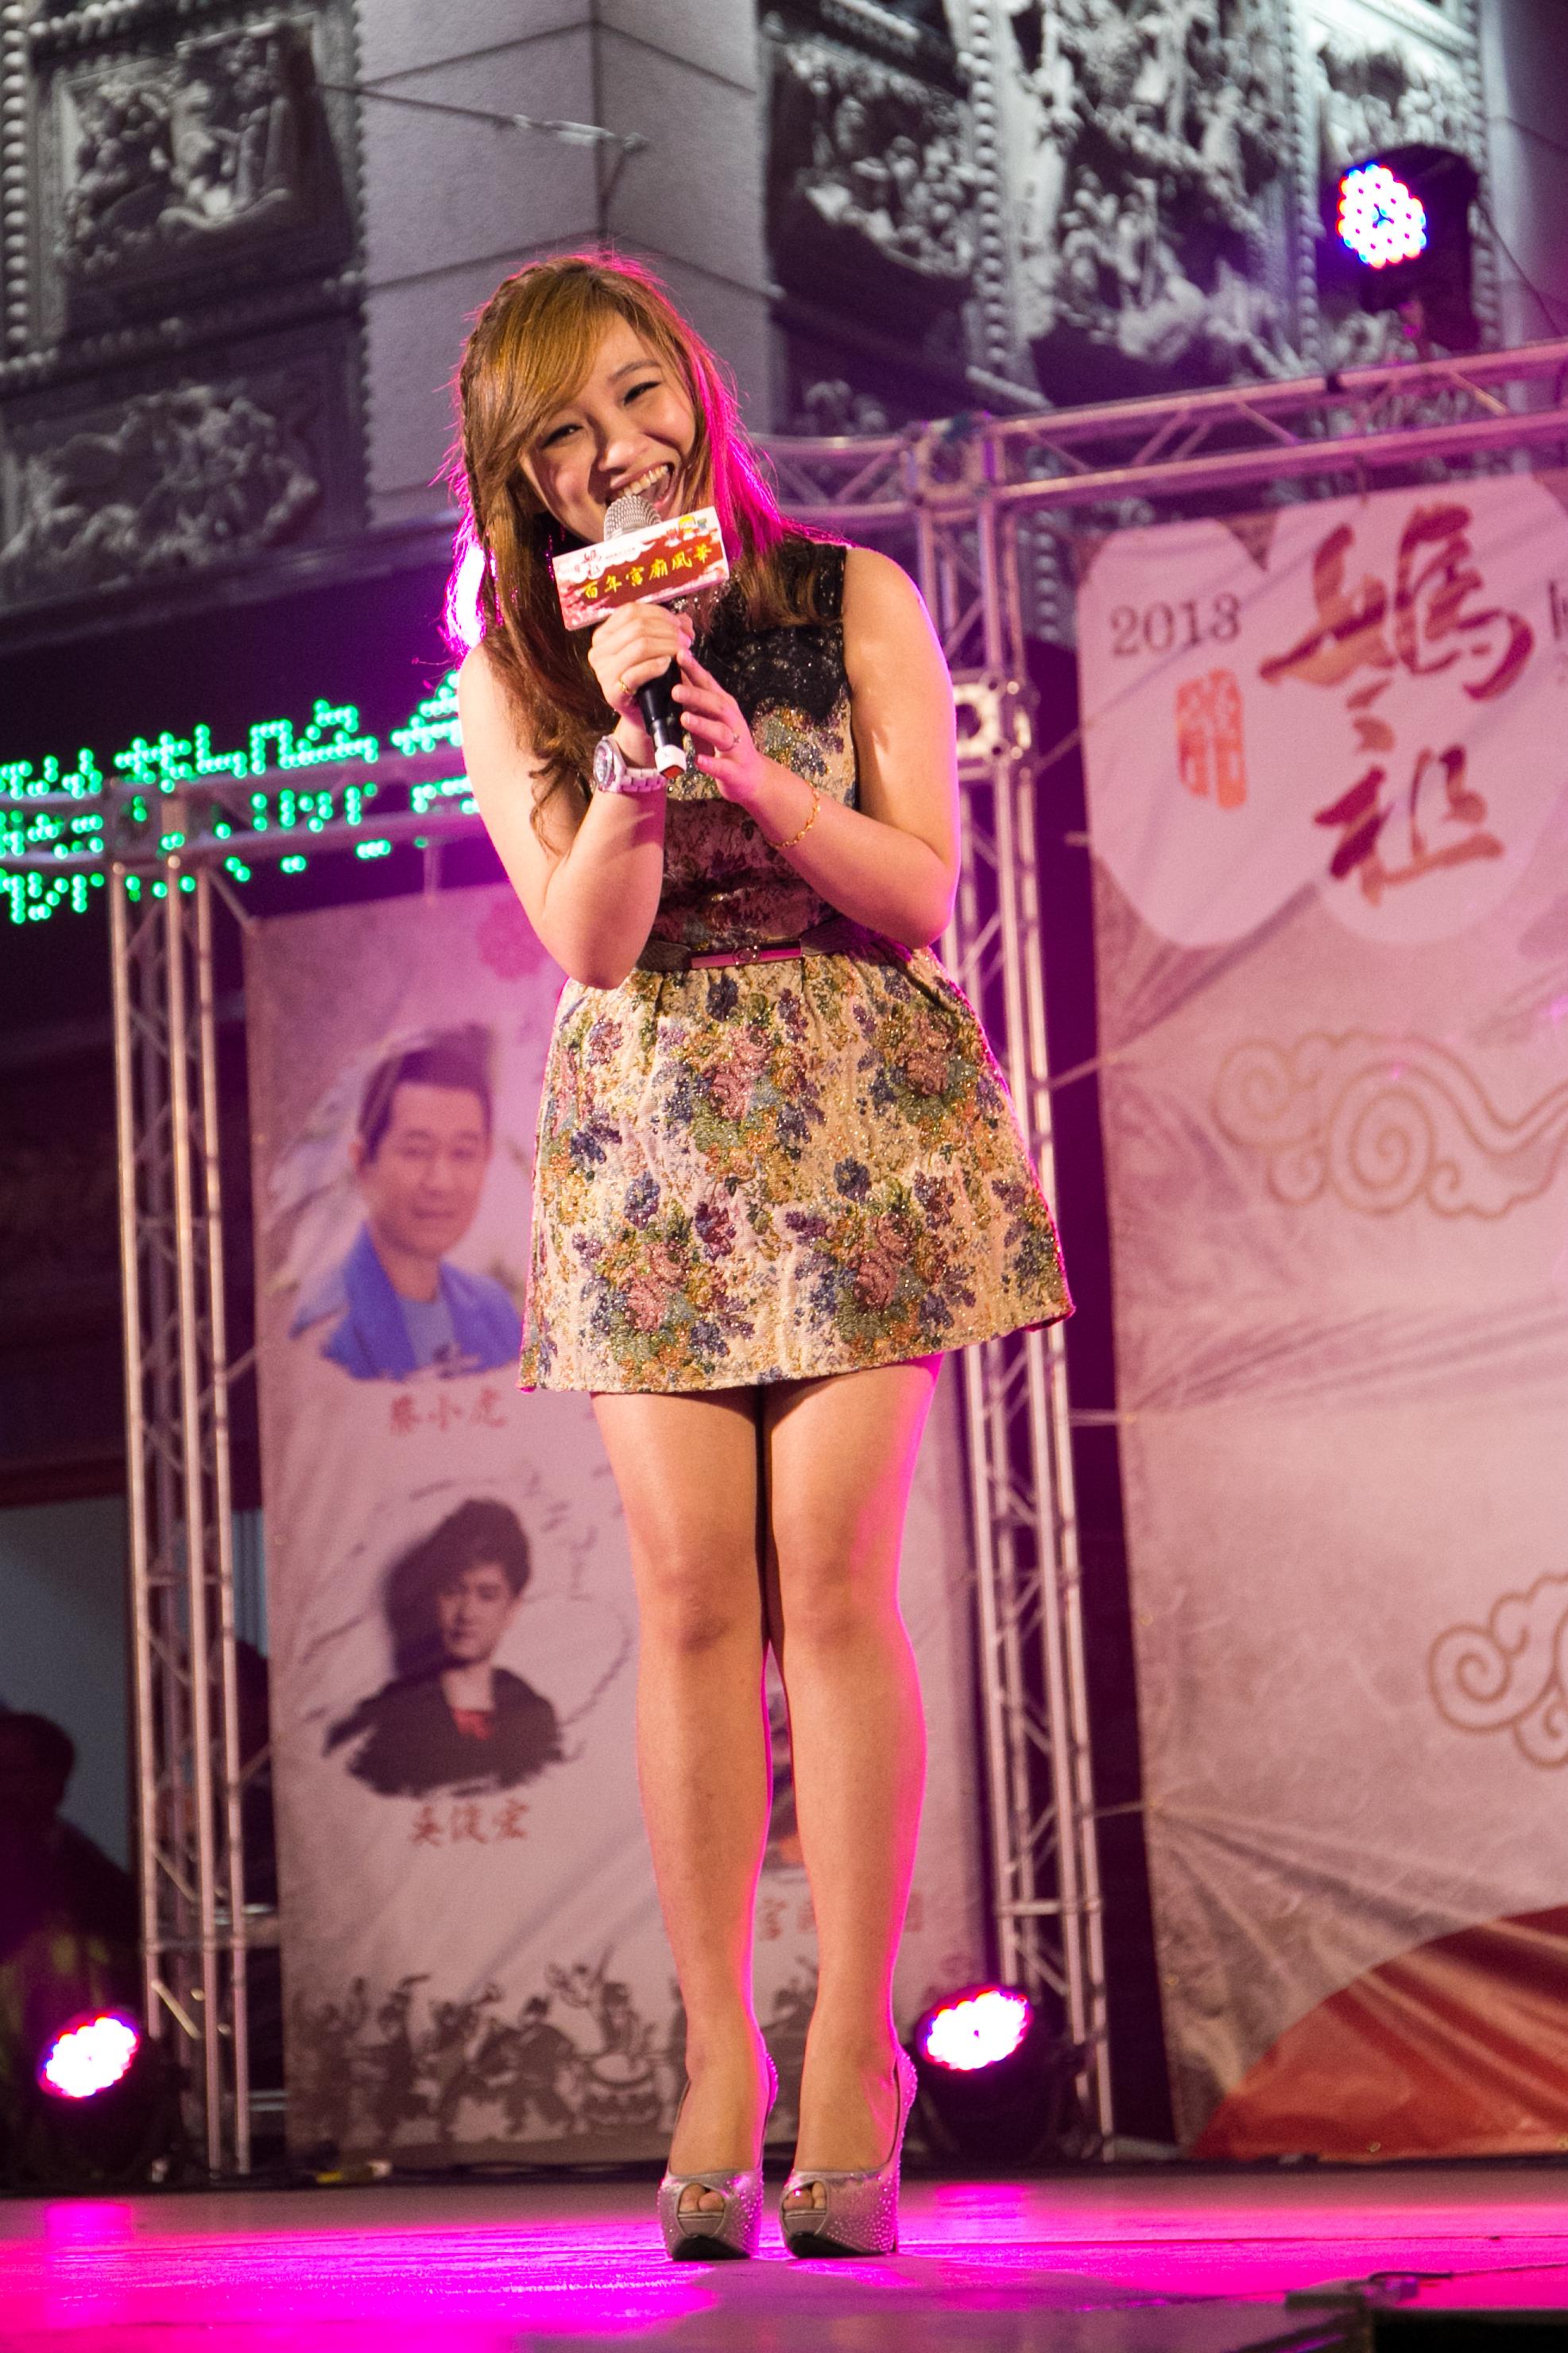 臺中媽祖國際觀光文化節在樂成宮,活動紀錄拍攝者台中婚錄張西米13